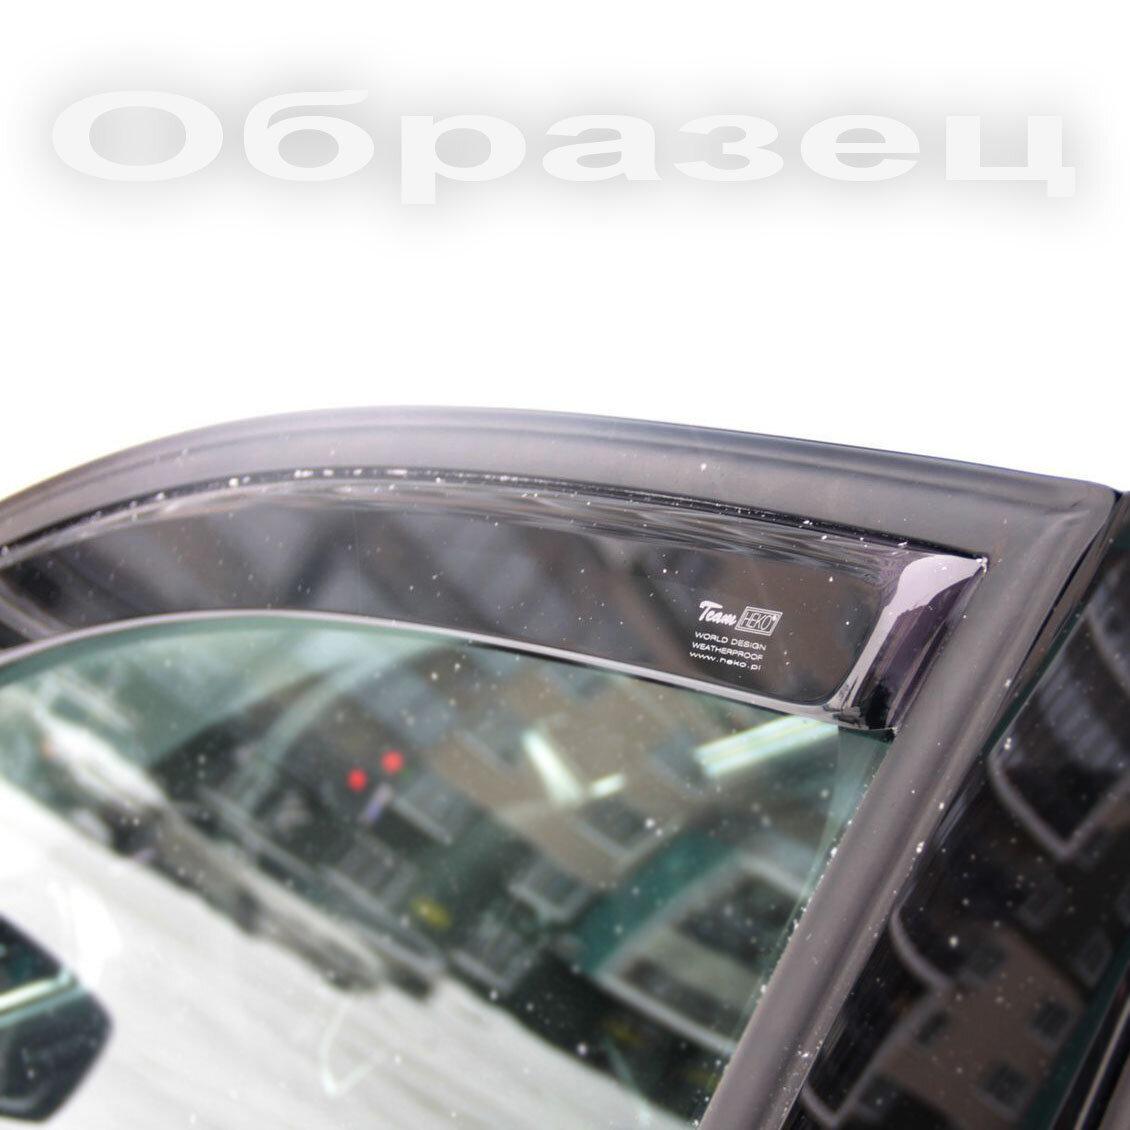 Дефлекторы окон Suzuki Grand Vitara, Escudo 1998-2005 3дв., ветровики вставные